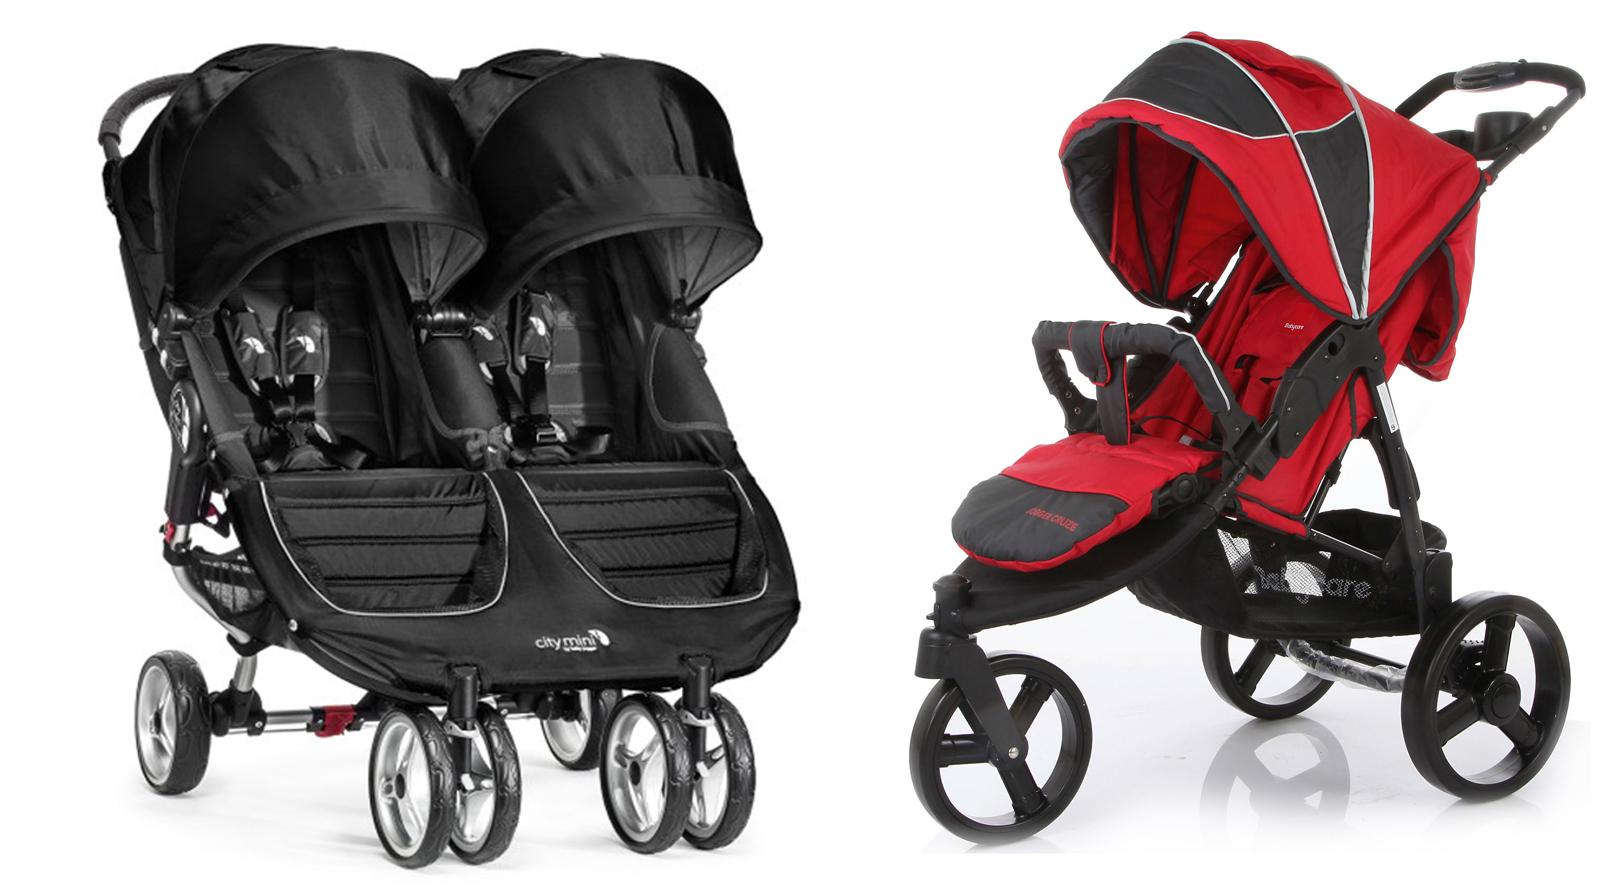 На картинке представлена Коляска baby jogger (Бэби Джоггер), которую можно приобрести в магазине Антошка